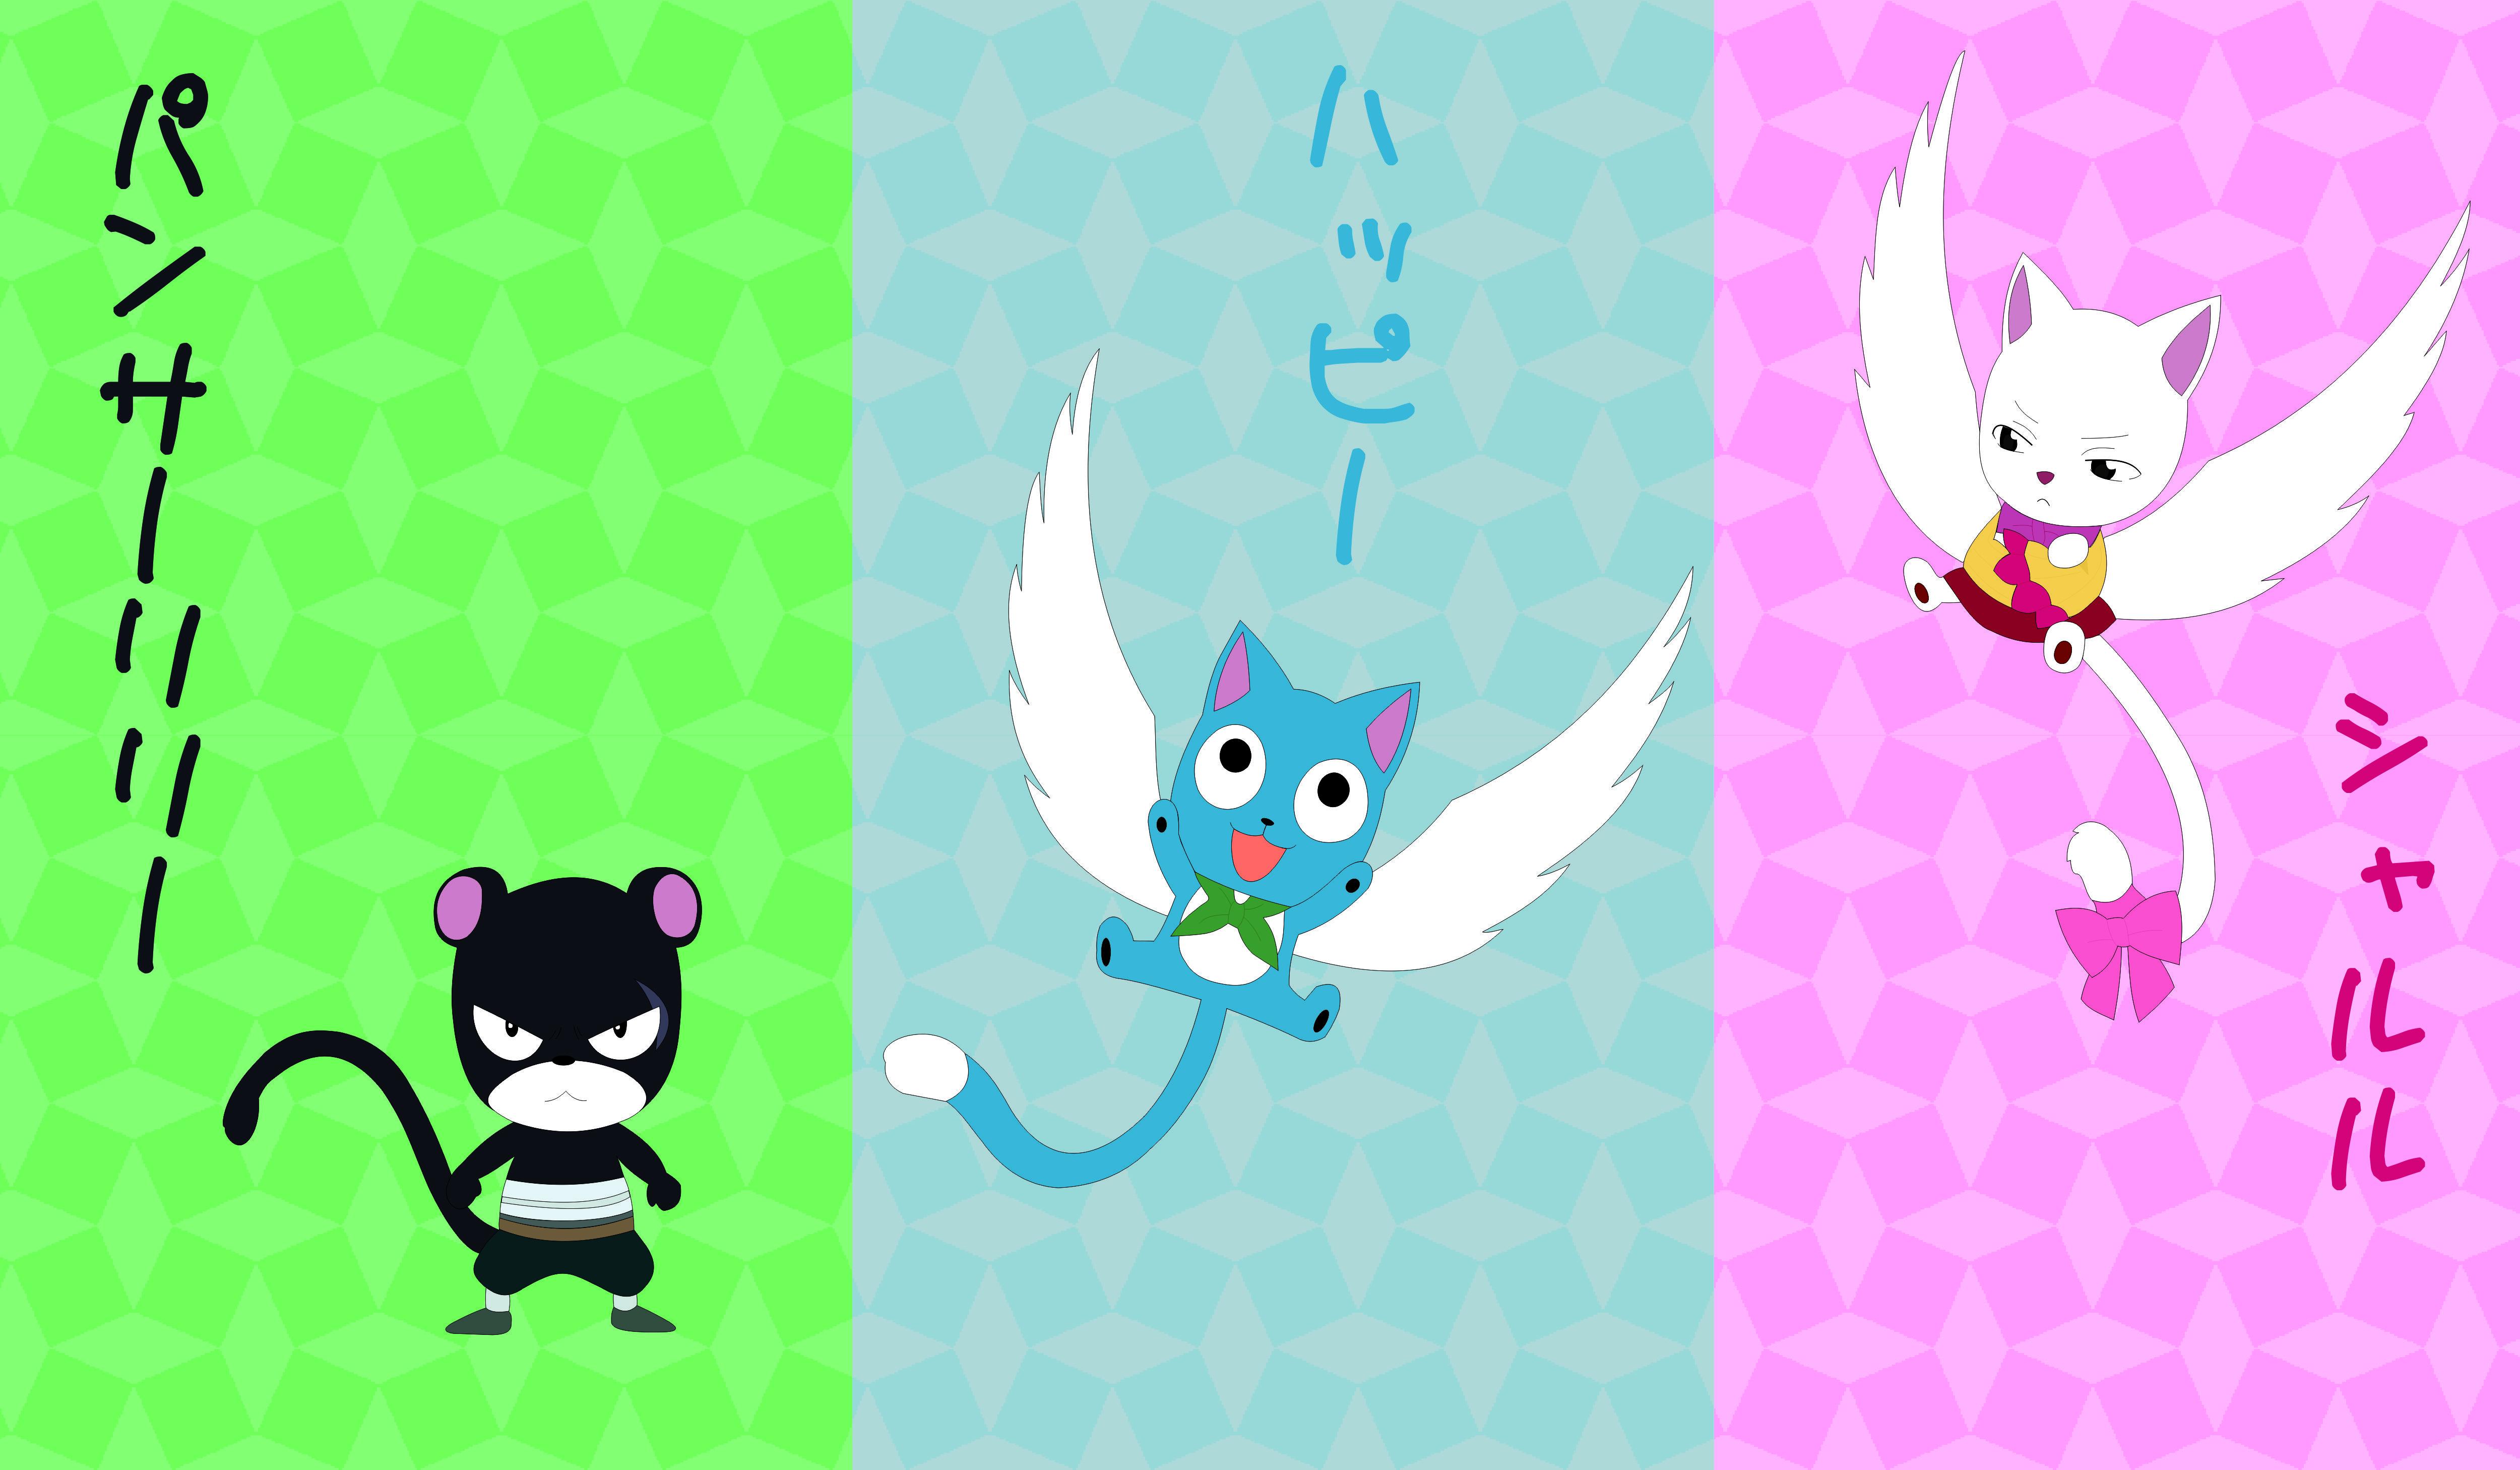 Exceed Fairy Tail Hd Wallpaper 1574819 Zerochan Anime Image Board